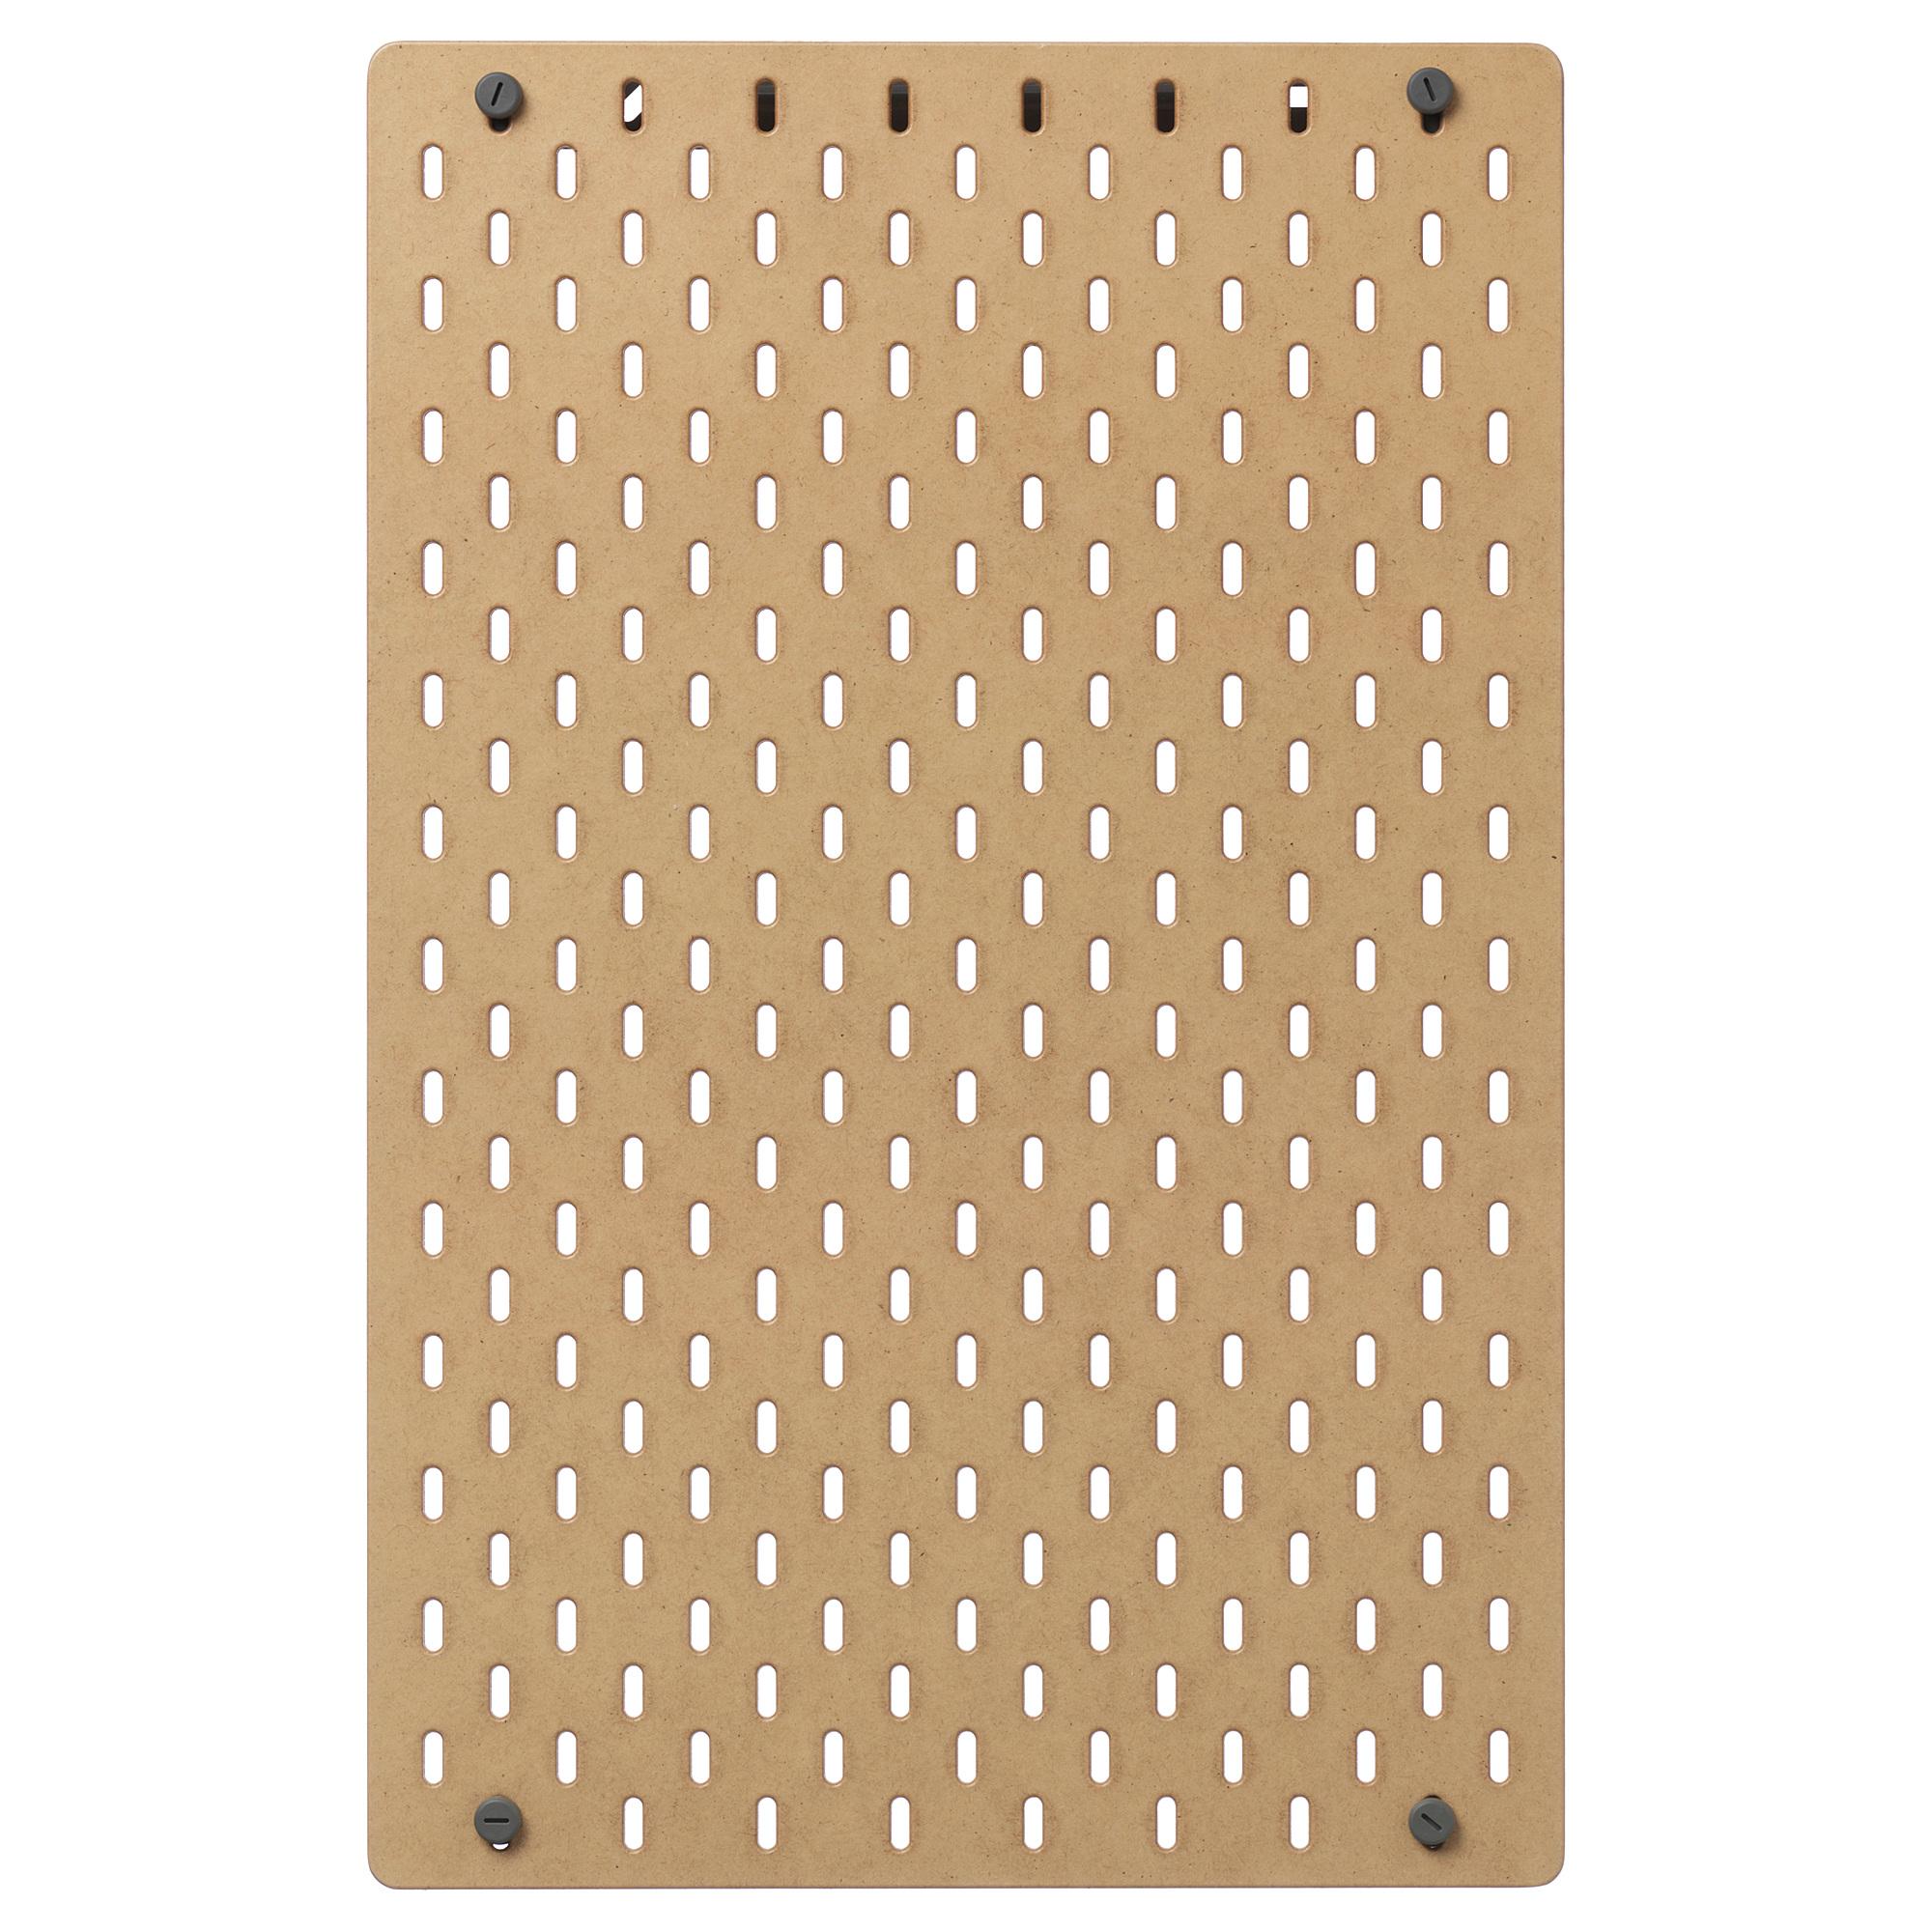 收納壁板, , 木質, 36x56 公分, 另有白色及其他尺寸